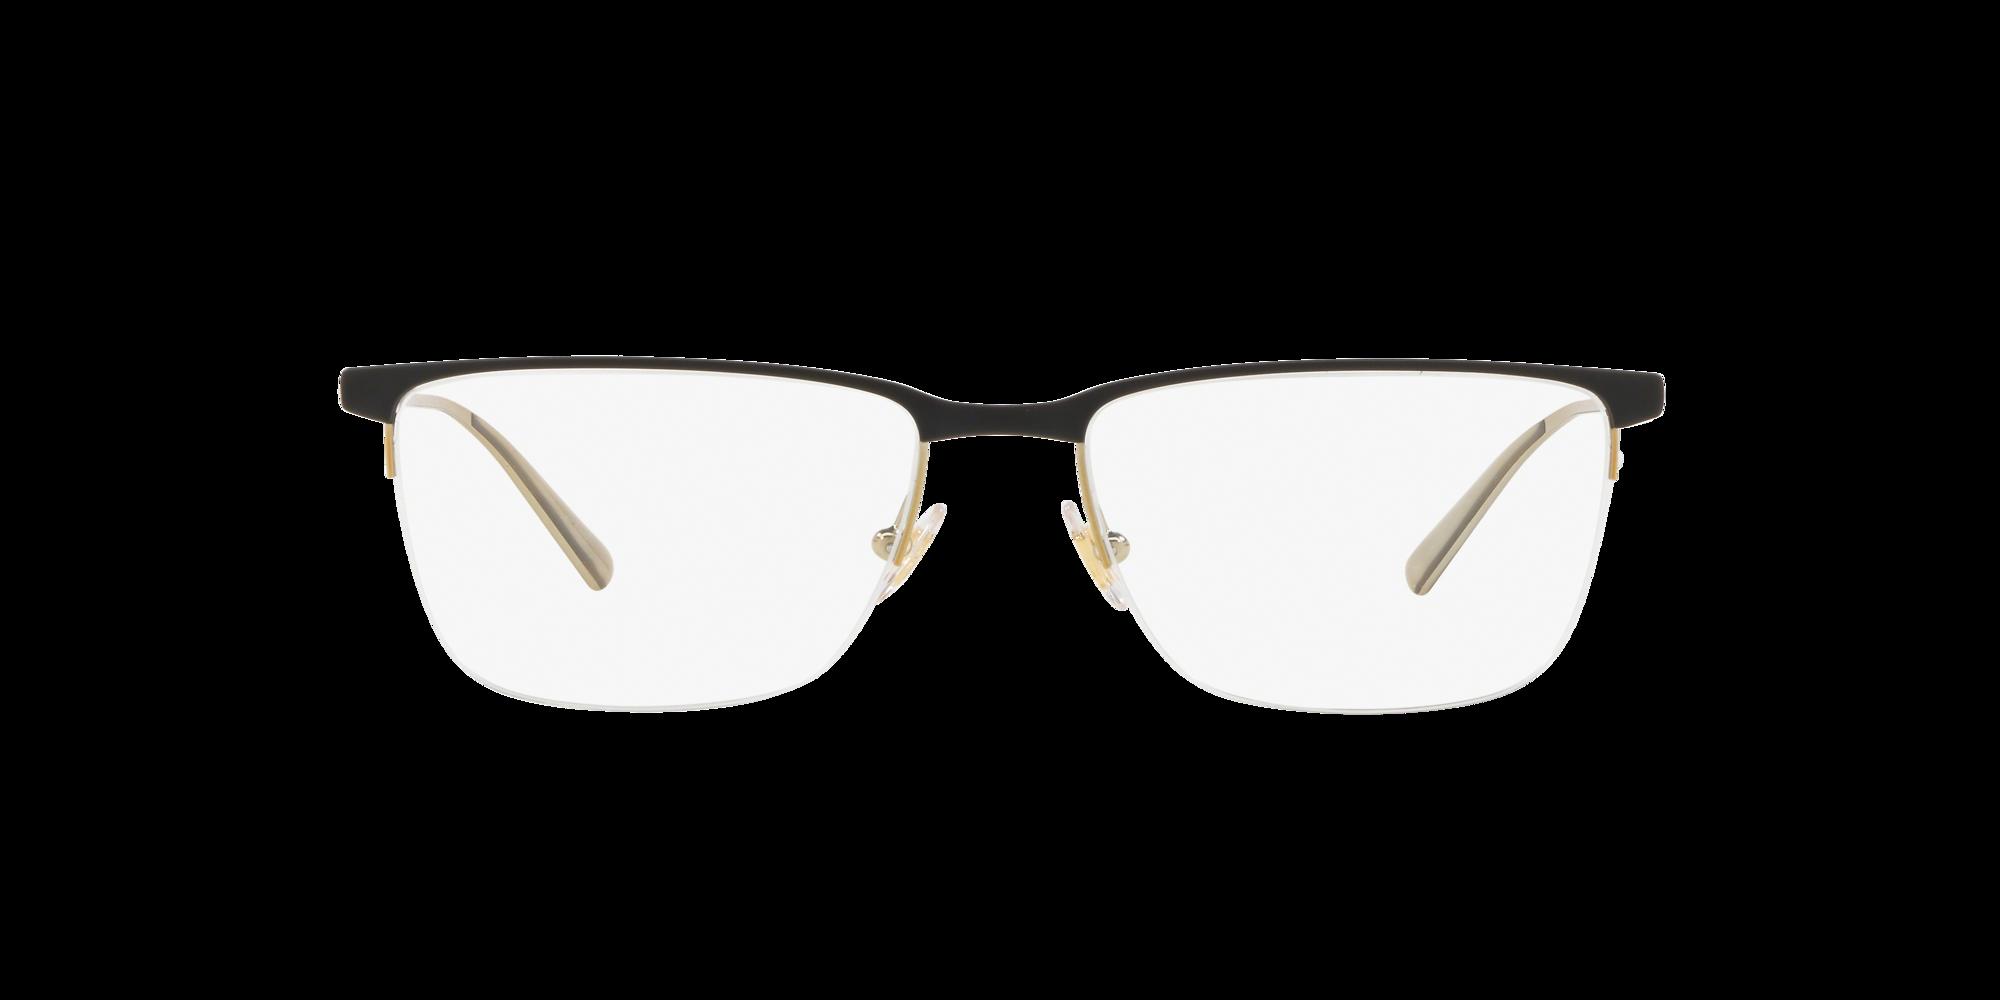 Imagen para BB1061 de LensCrafters    Espejuelos, espejuelos graduados en línea, gafas